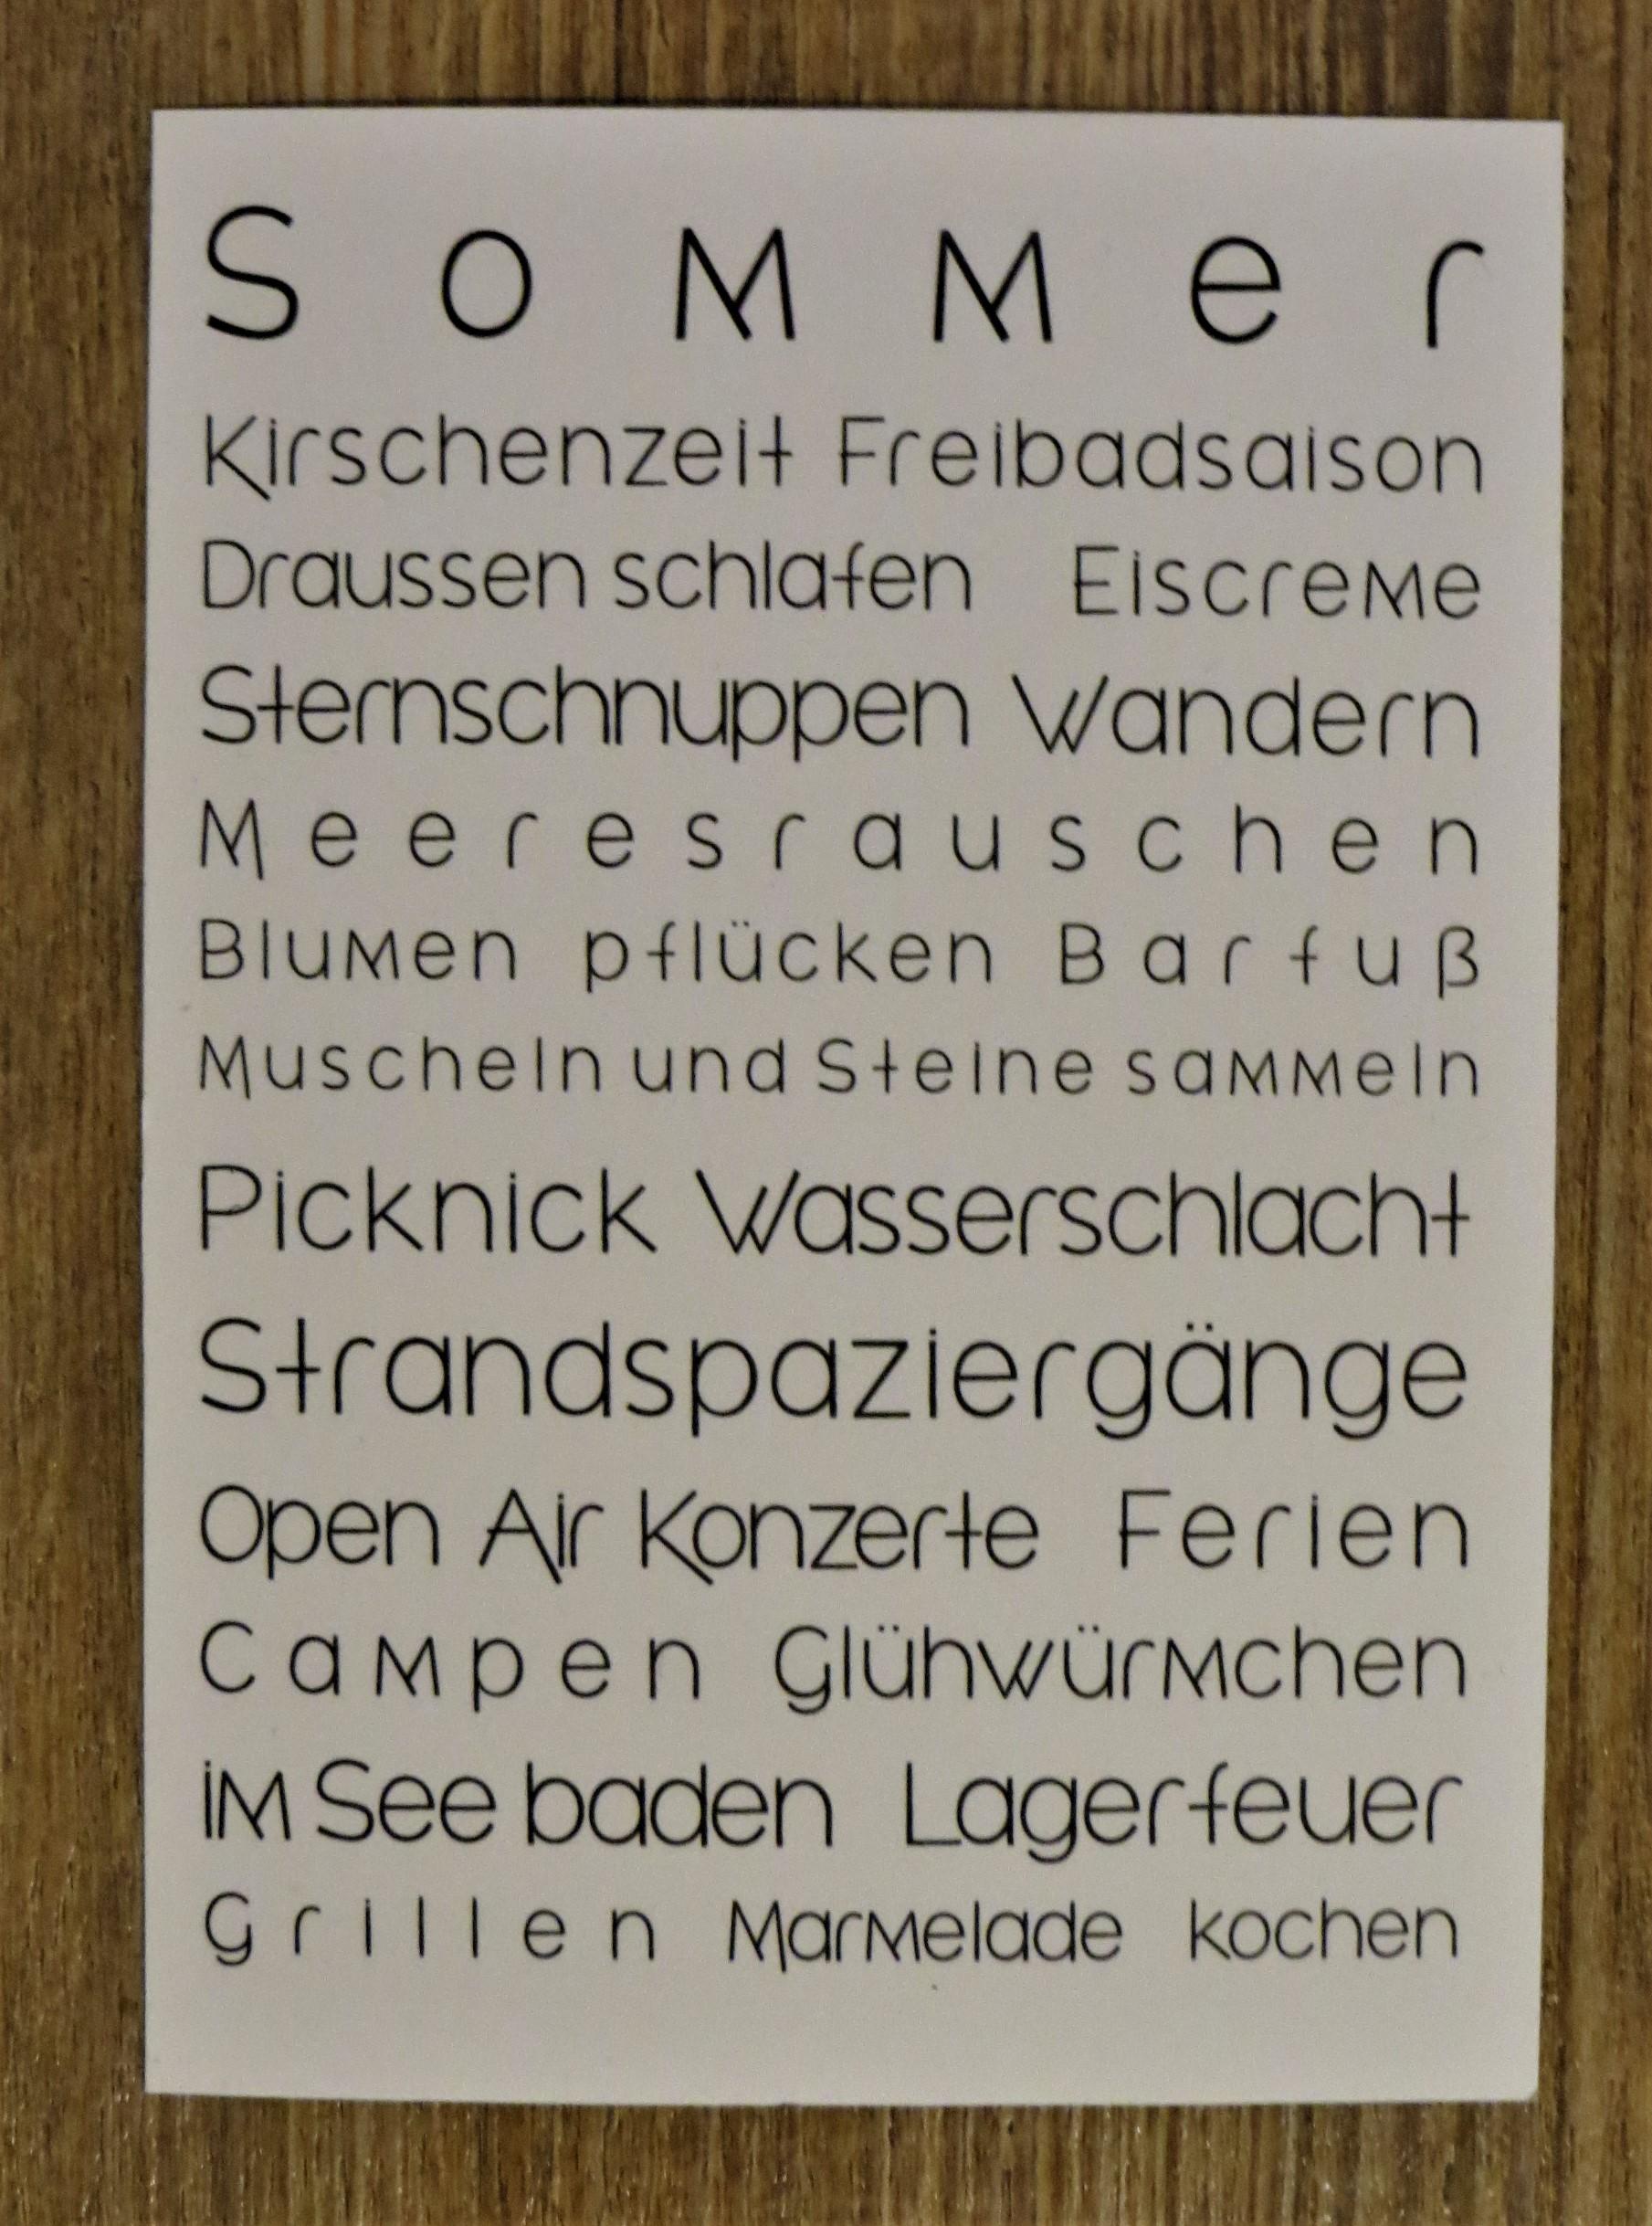 Nützlichgrusskarten - Karte Postkarte To Do Liste SOMMER - Onlineshop Tante Emmer